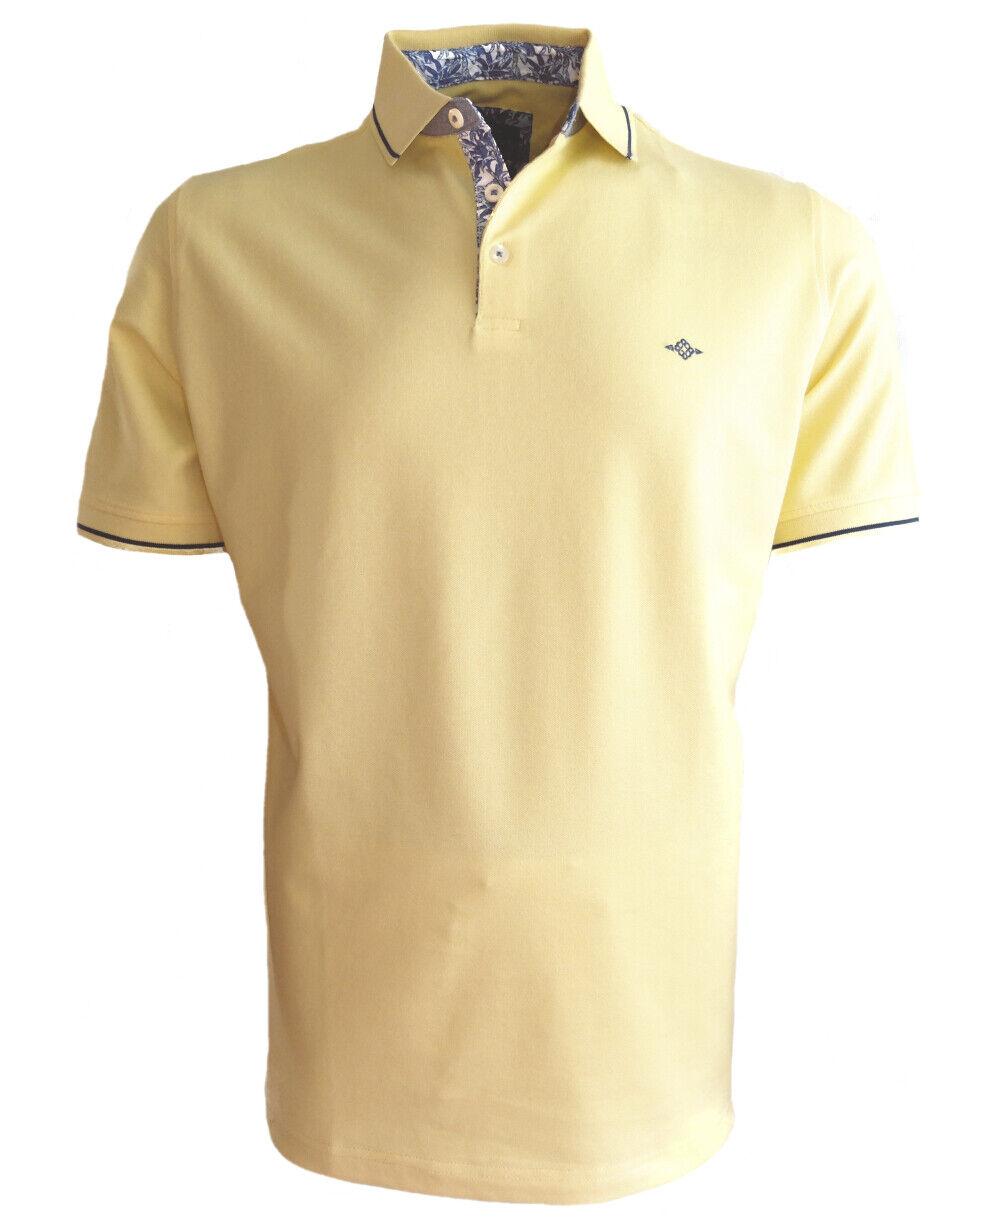 Polo Shirt Baileys Stretch yellow dunkelblue floraler Besatz Gr. M bis 4XL